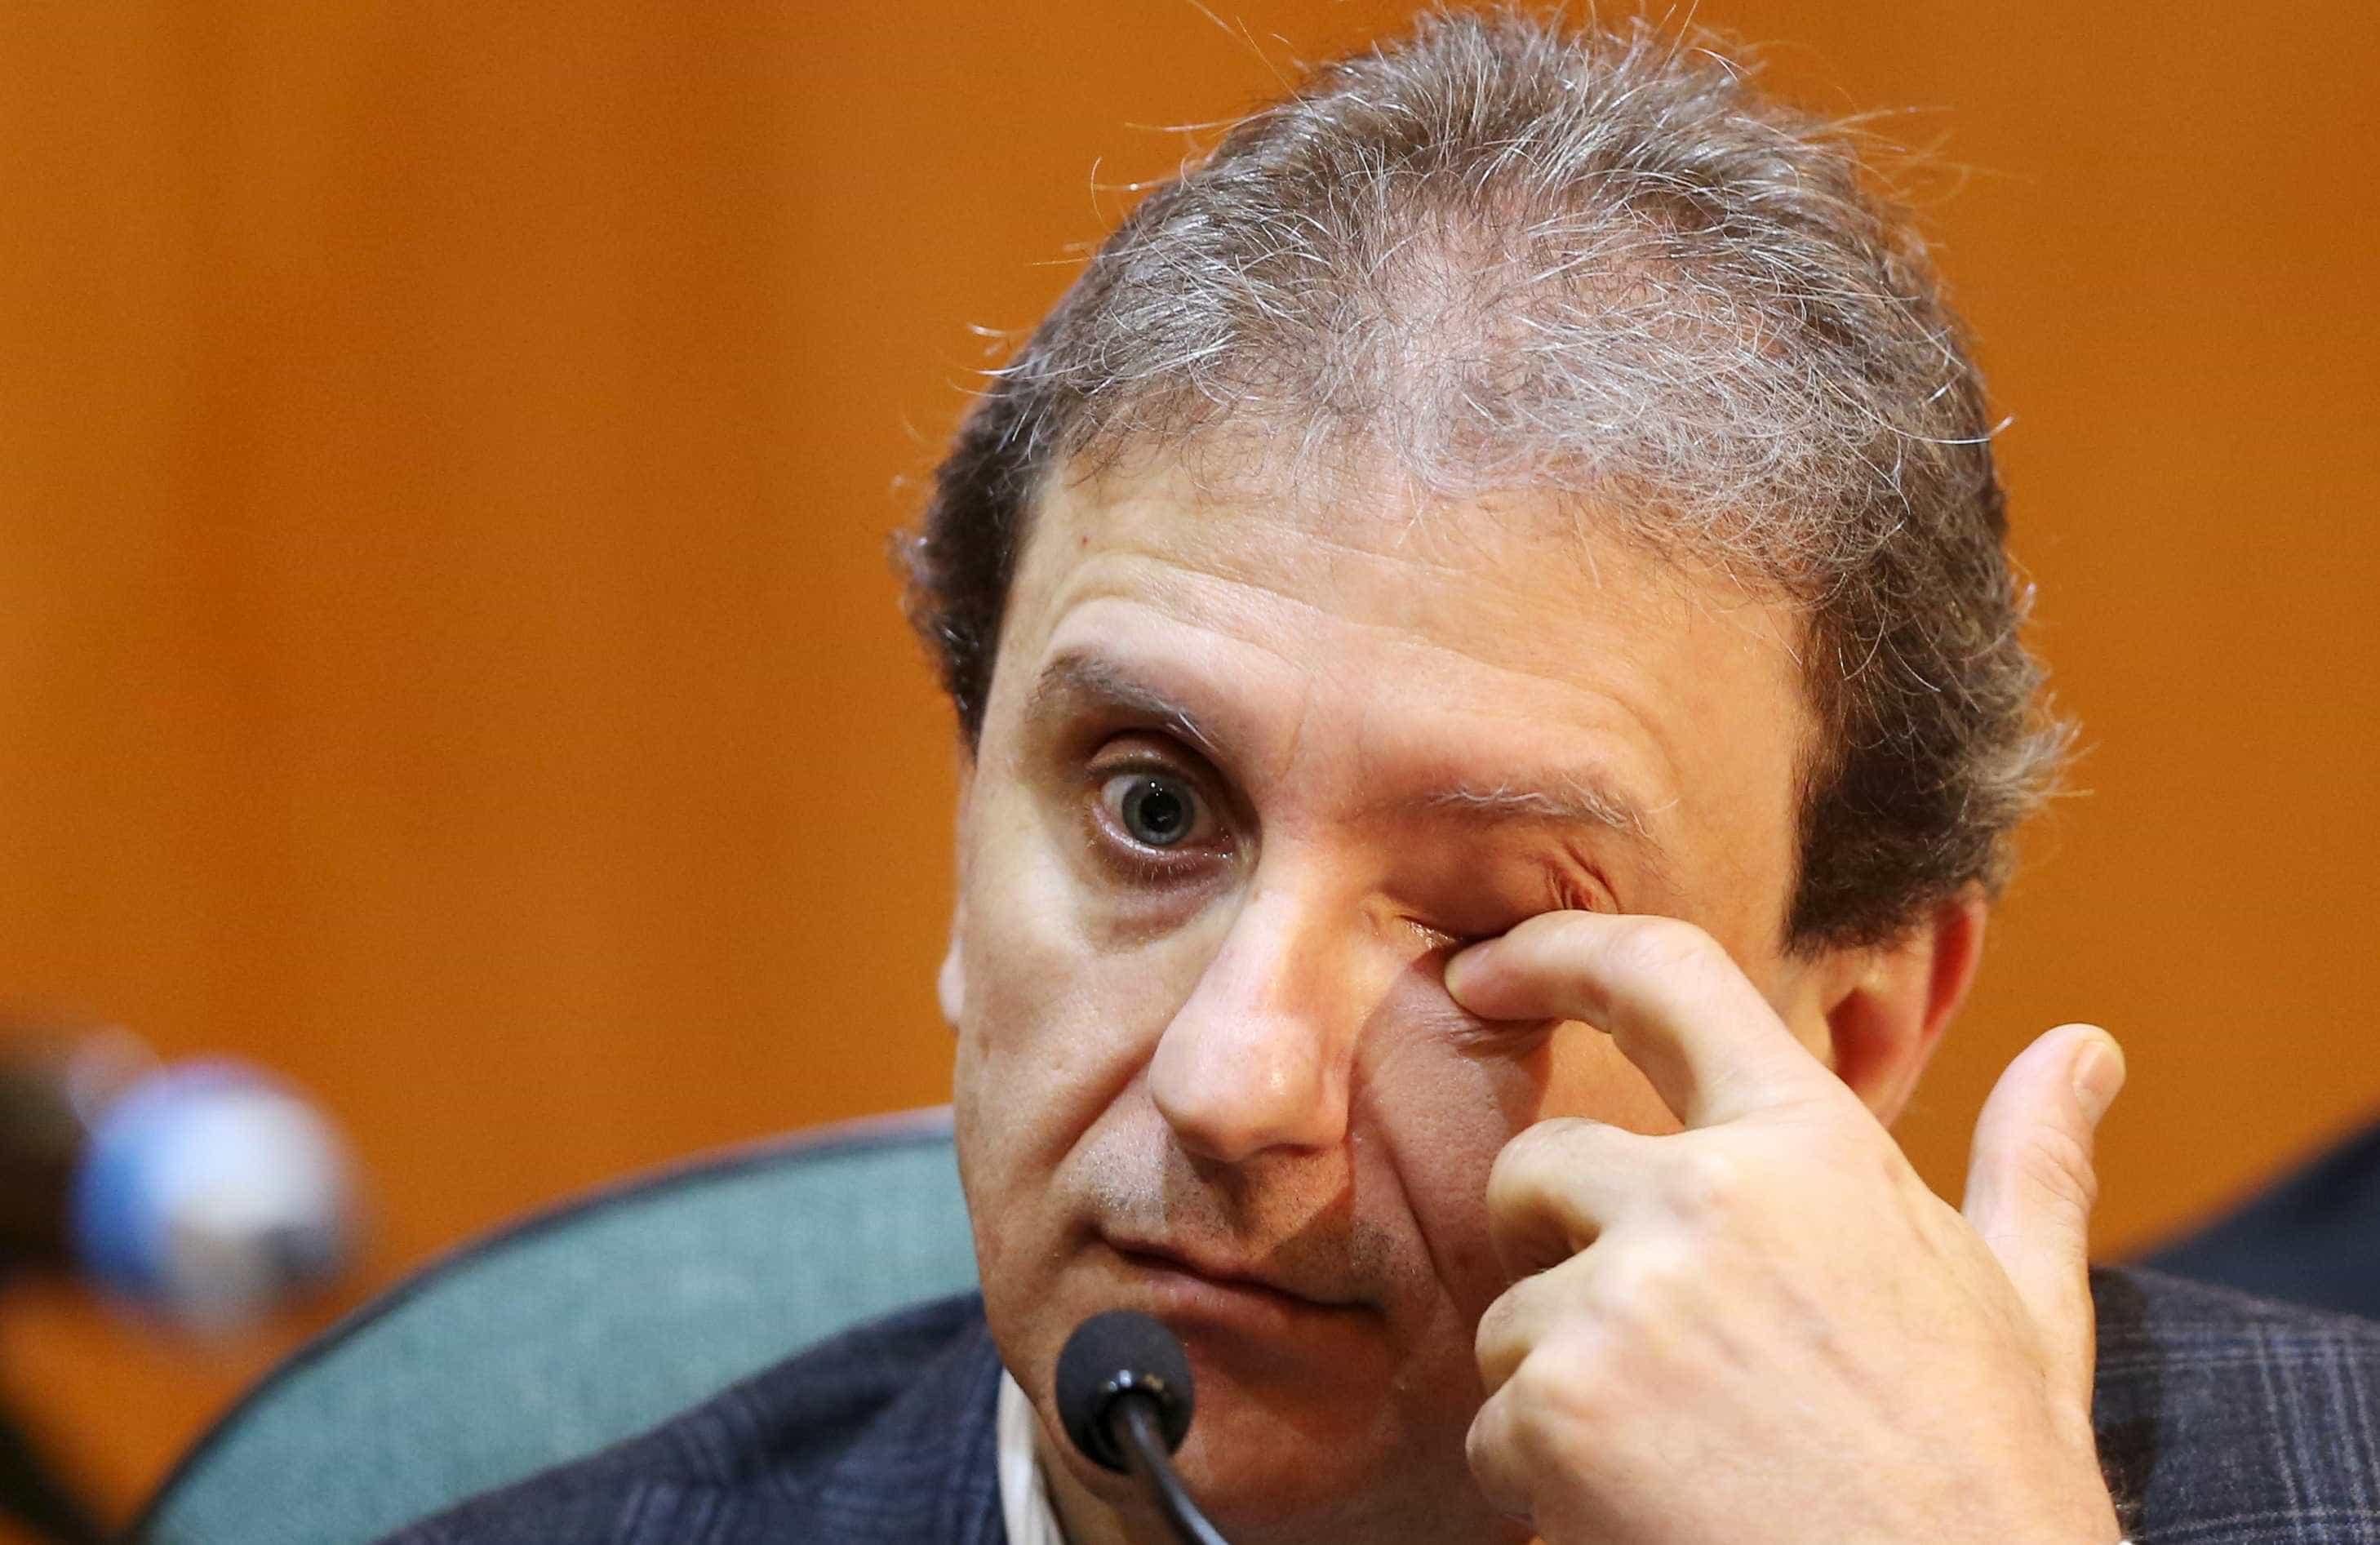 Doleiro-símbolo da Lava Jato, Youssef volta a trabalhar com dólar